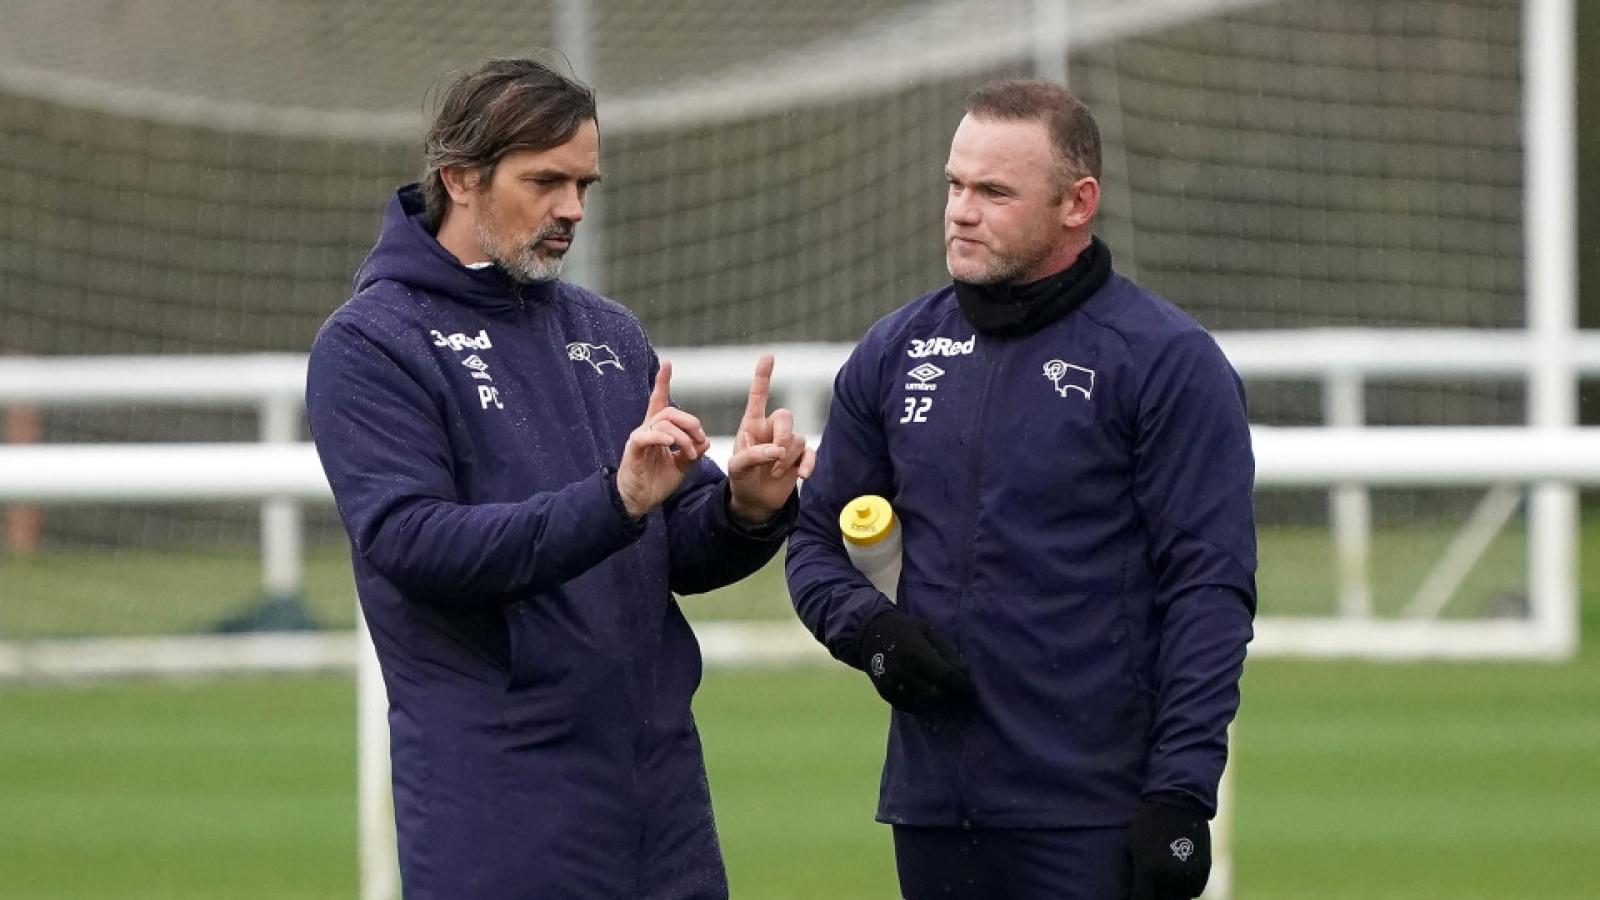 Chưa có bằng HLV, Rooney vẫn được bổ nhiệm dẫn dắt đội hạng Nhất Anh